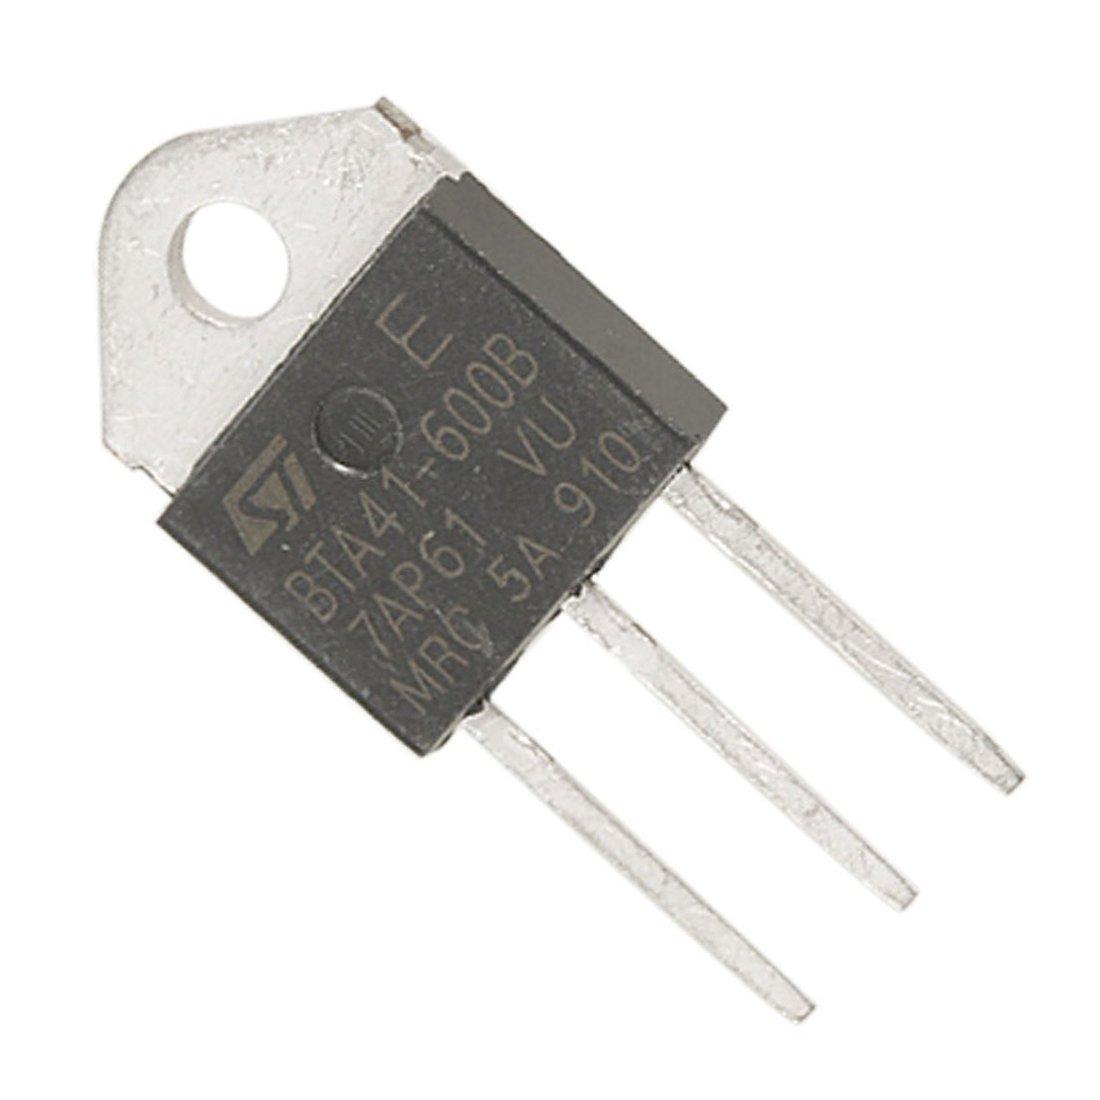 5 x 4.5mm HSS JOBBER LENGTH DRILL EUROPA TOOL OSBORN 8208010450  52